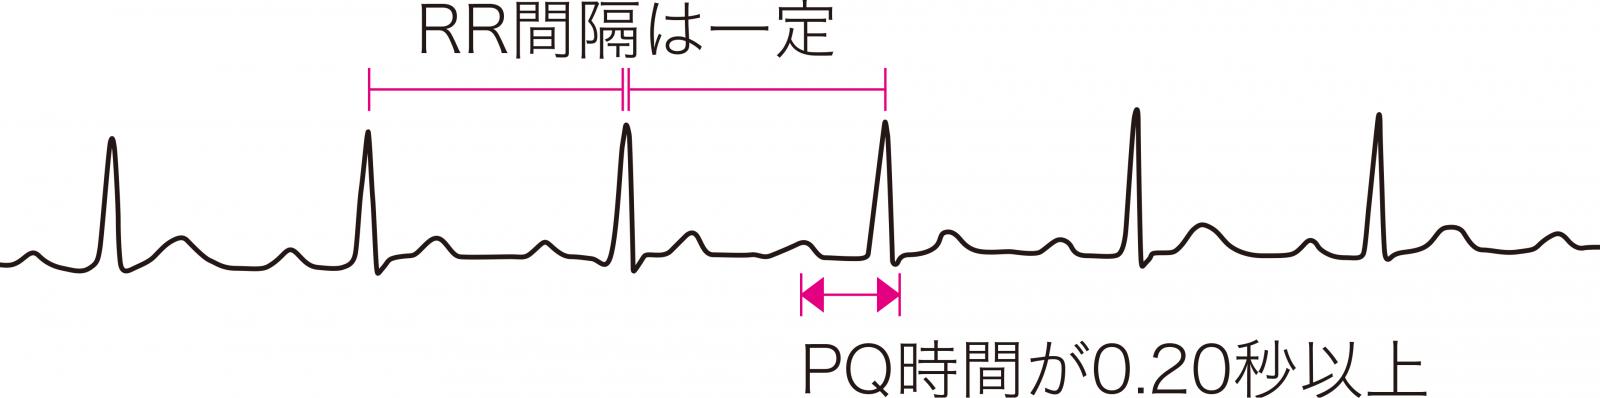 I度房室ブロックの心電図波形